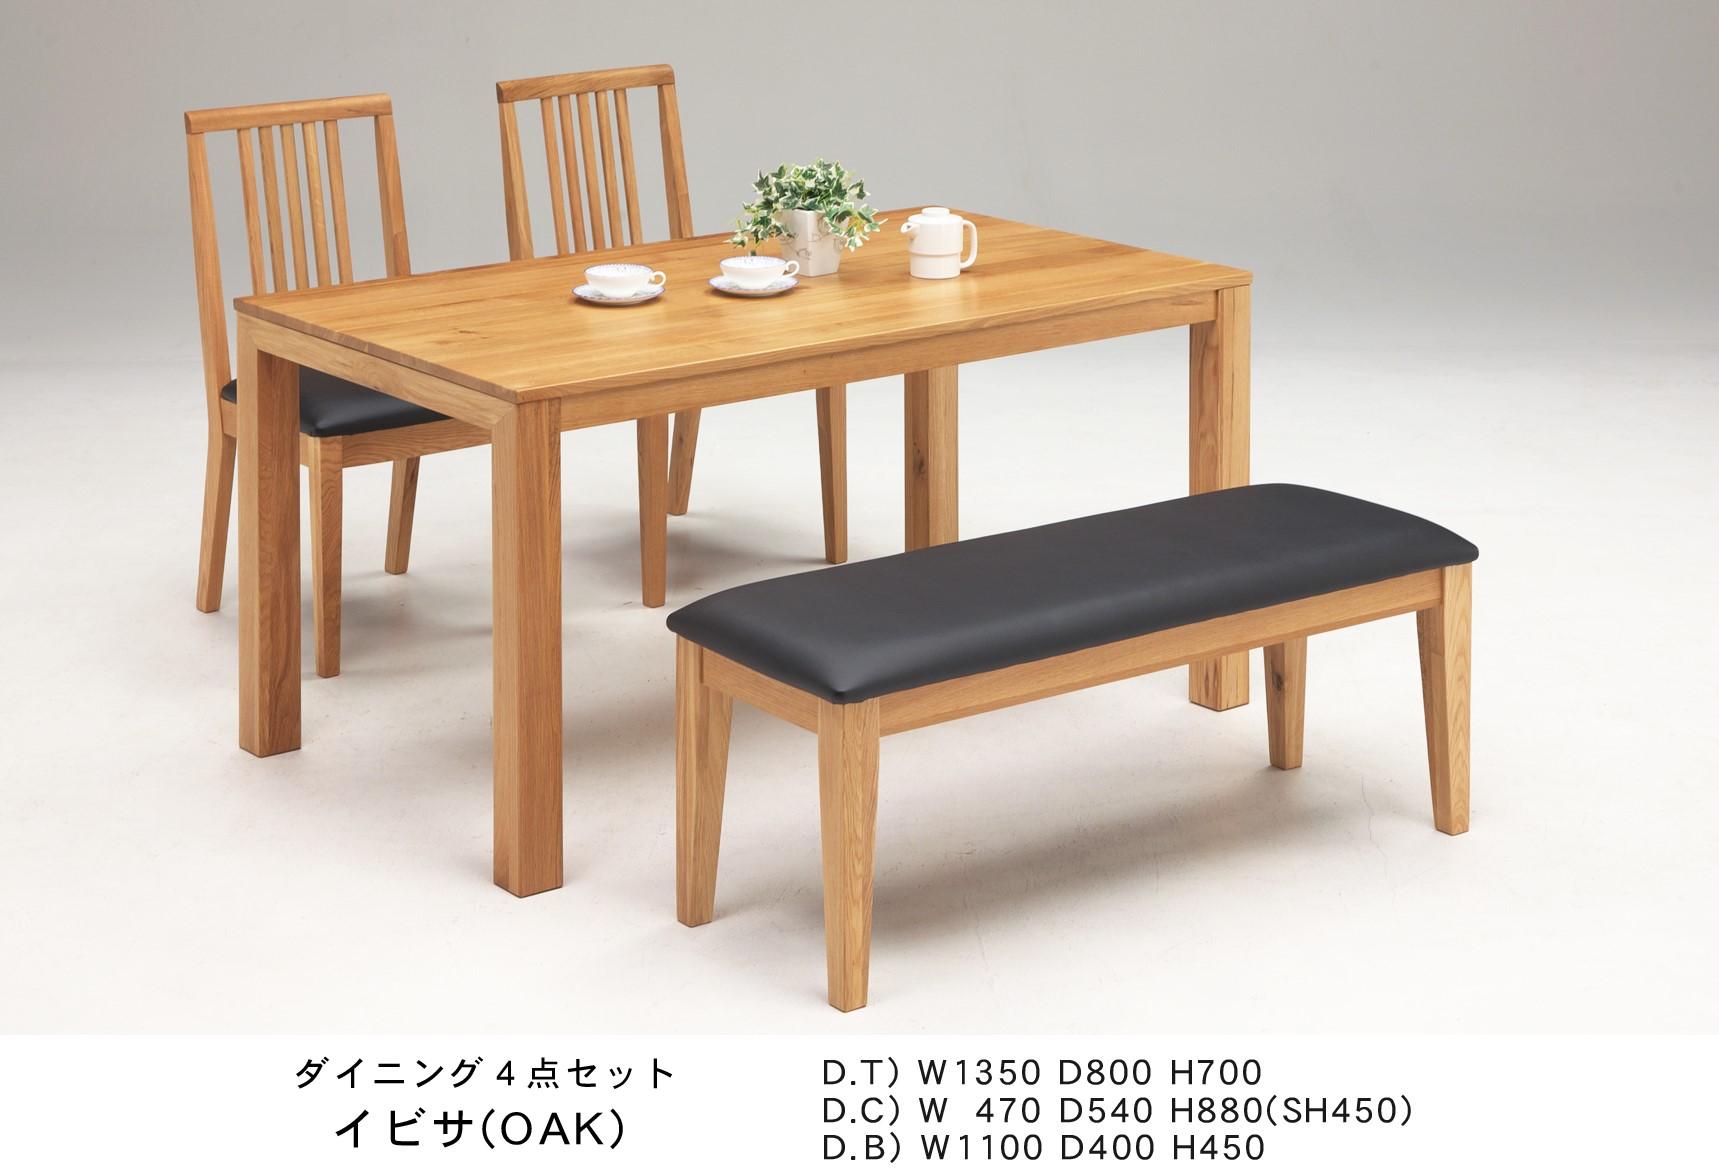 他に、80㎝幅・150㎝幅・180㎝幅のテーブル、155㎝幅のベンチもございます